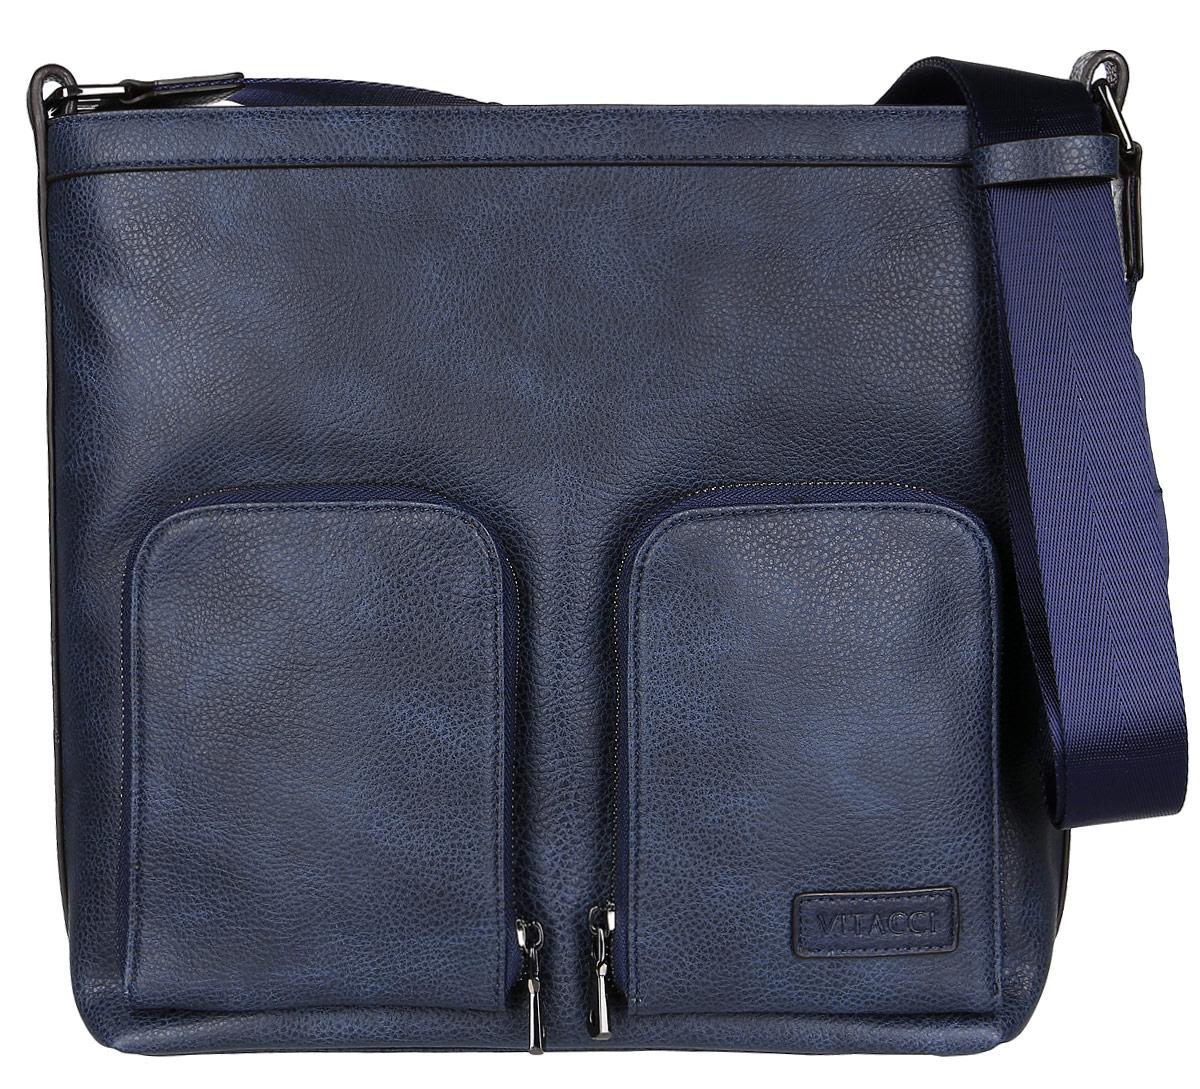 Сумка мужская Vitacci, цвет: синий. MW072MW072Стильная мужская сумка Vitacci идеально подойдет под ваш образ. Она выполнена из качественной искусственной кожи. Изделие оформлено нашивкой с названием фирмы. На лицевой стороне расположено два удобных кармана на молнии для мелочей. На тыльной стороне расположен вшитый карман на молнии. Внутри расположено вместительное отделение, которое включает в себя два открытых кармана для мелочей, один карман на молнии и две резинки-фиксаторы. Сумка оснащена удобным плечевым ремнем, длина которого регулируется с помощью пряжки. Такая модная и удобная сумка станет незаменимым аксессуаром в вашем гардеробе.